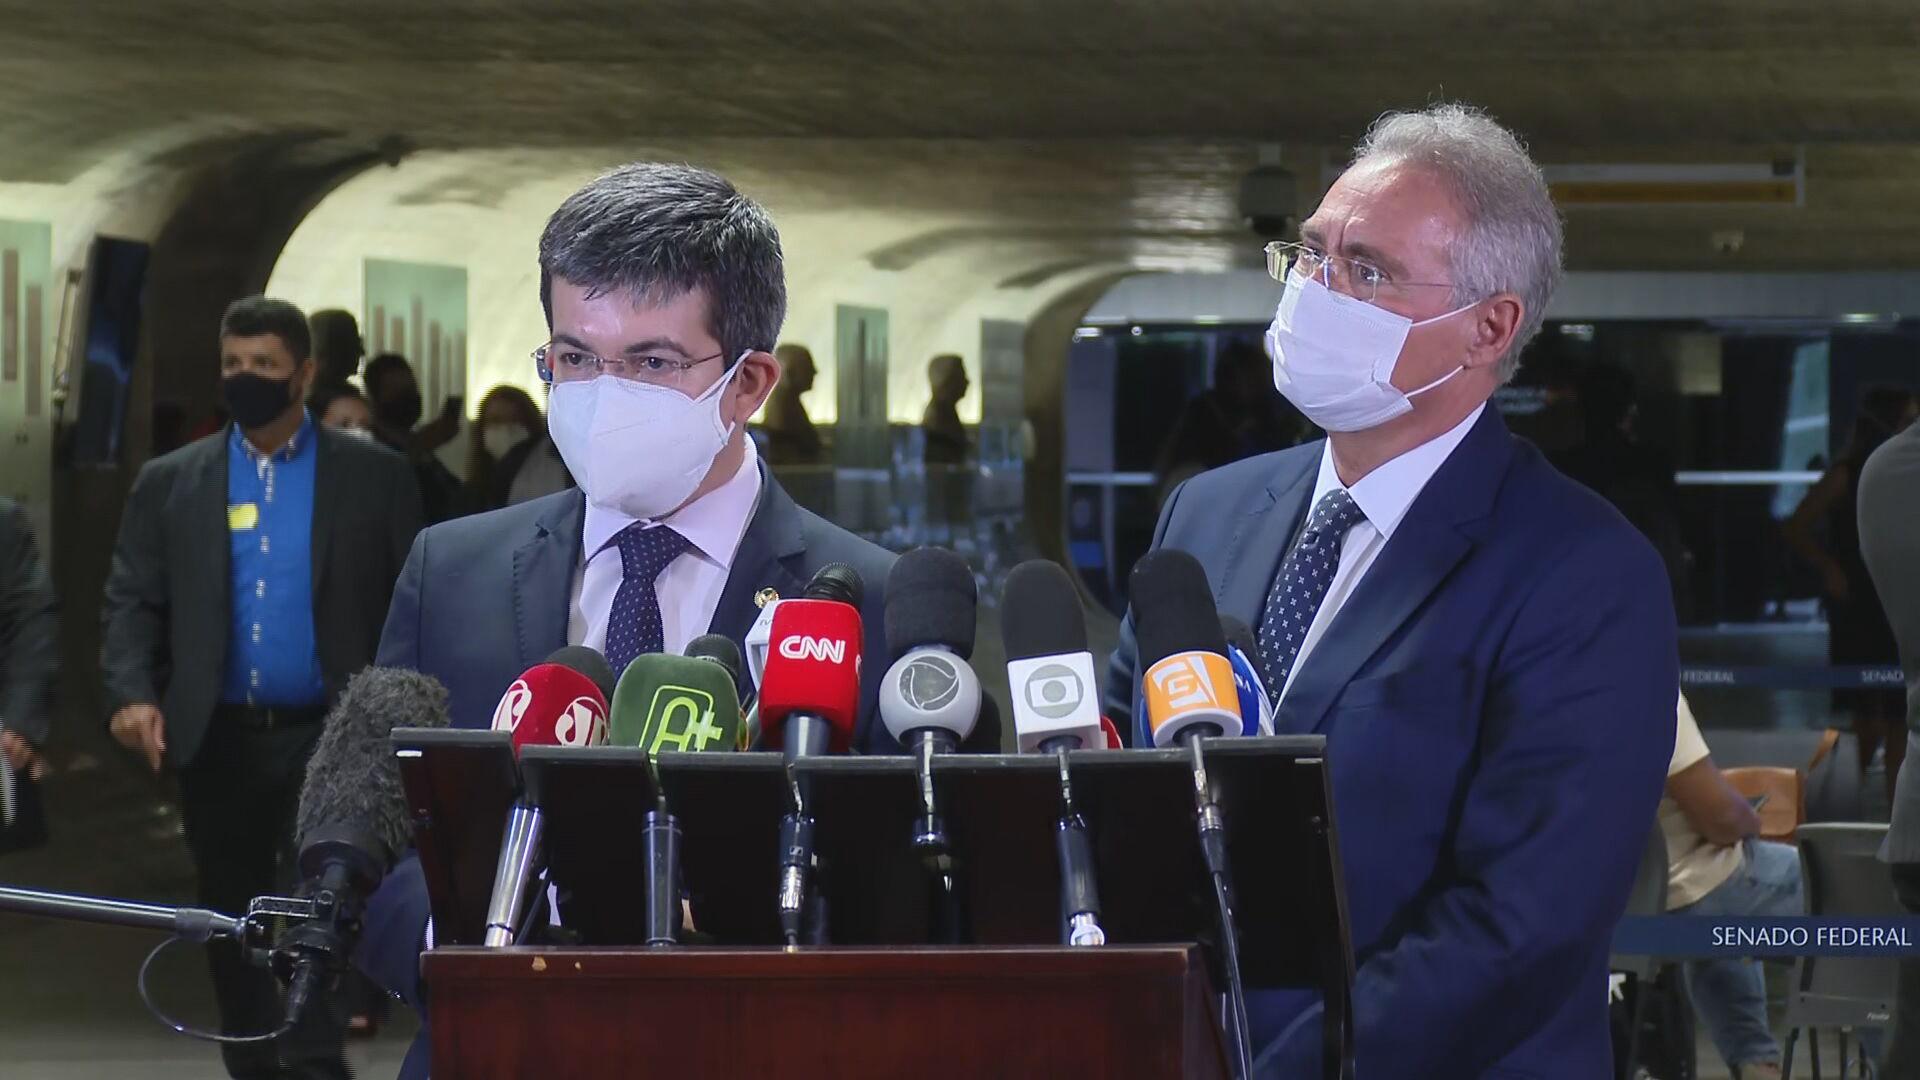 Relator da CPI Renan Calheiros e Randolfe Rodrigues, vice-presidente da comissão